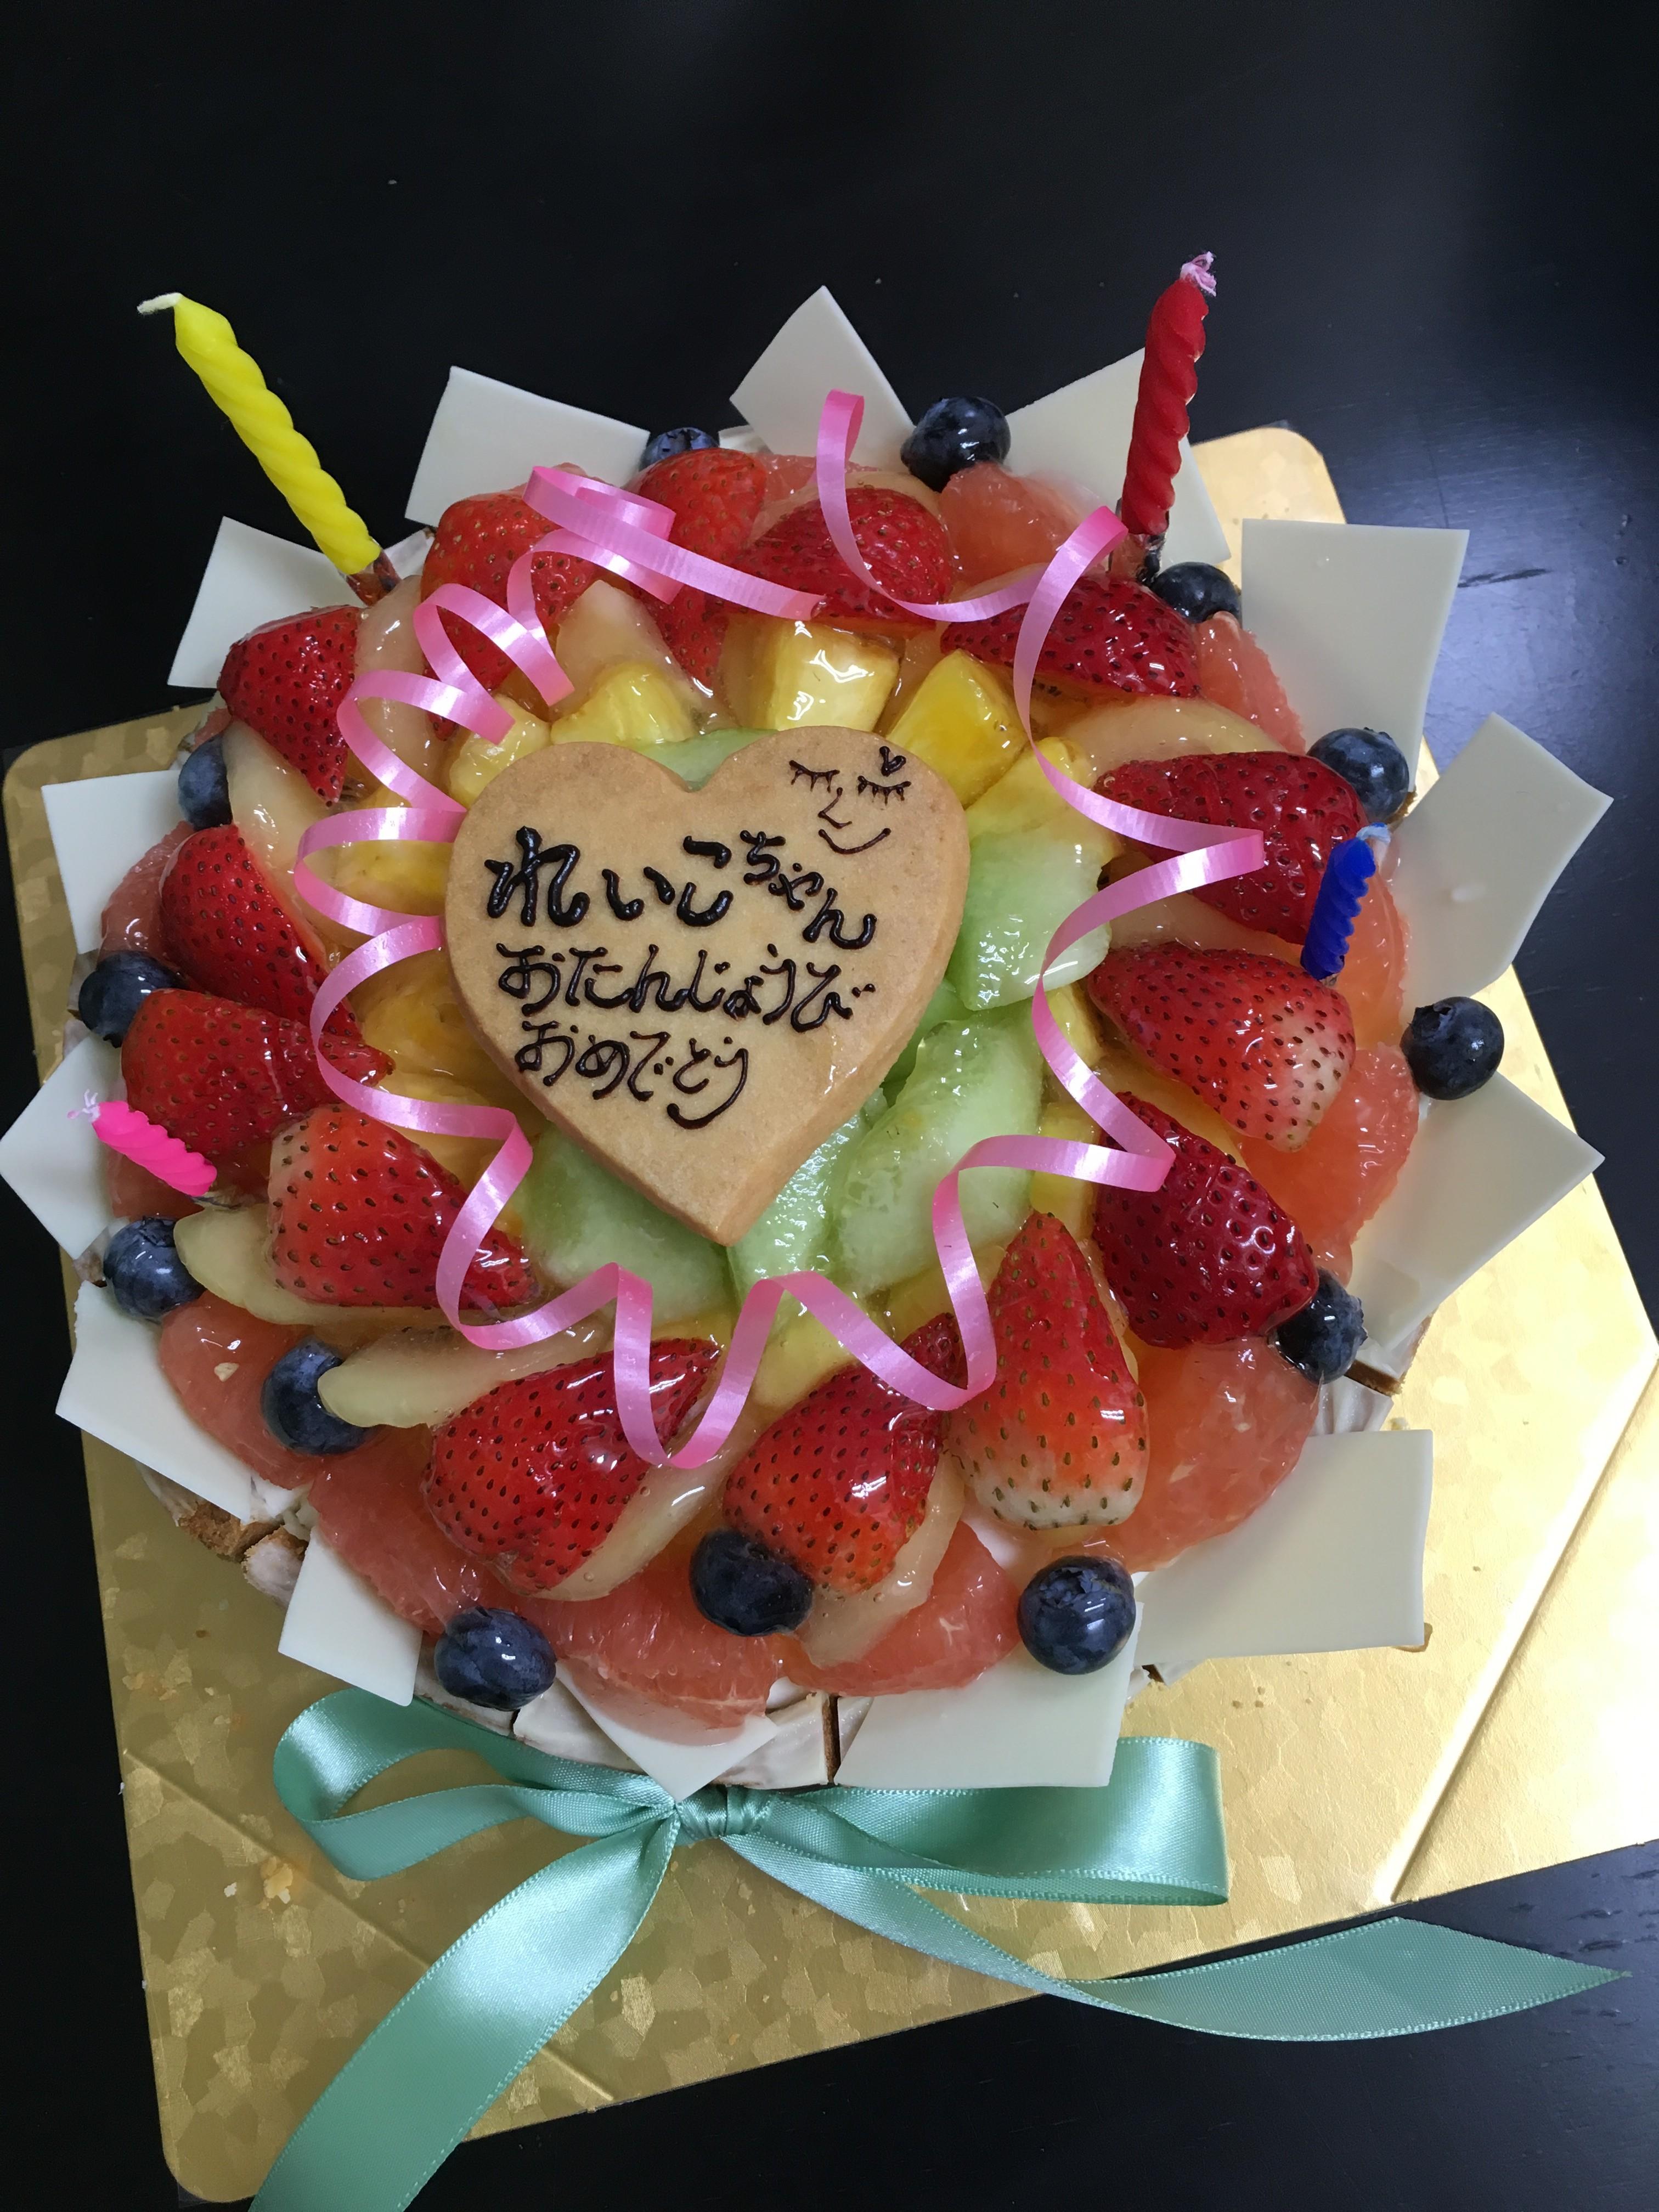 r2 e1465802636143 - 💛お誕生日💛